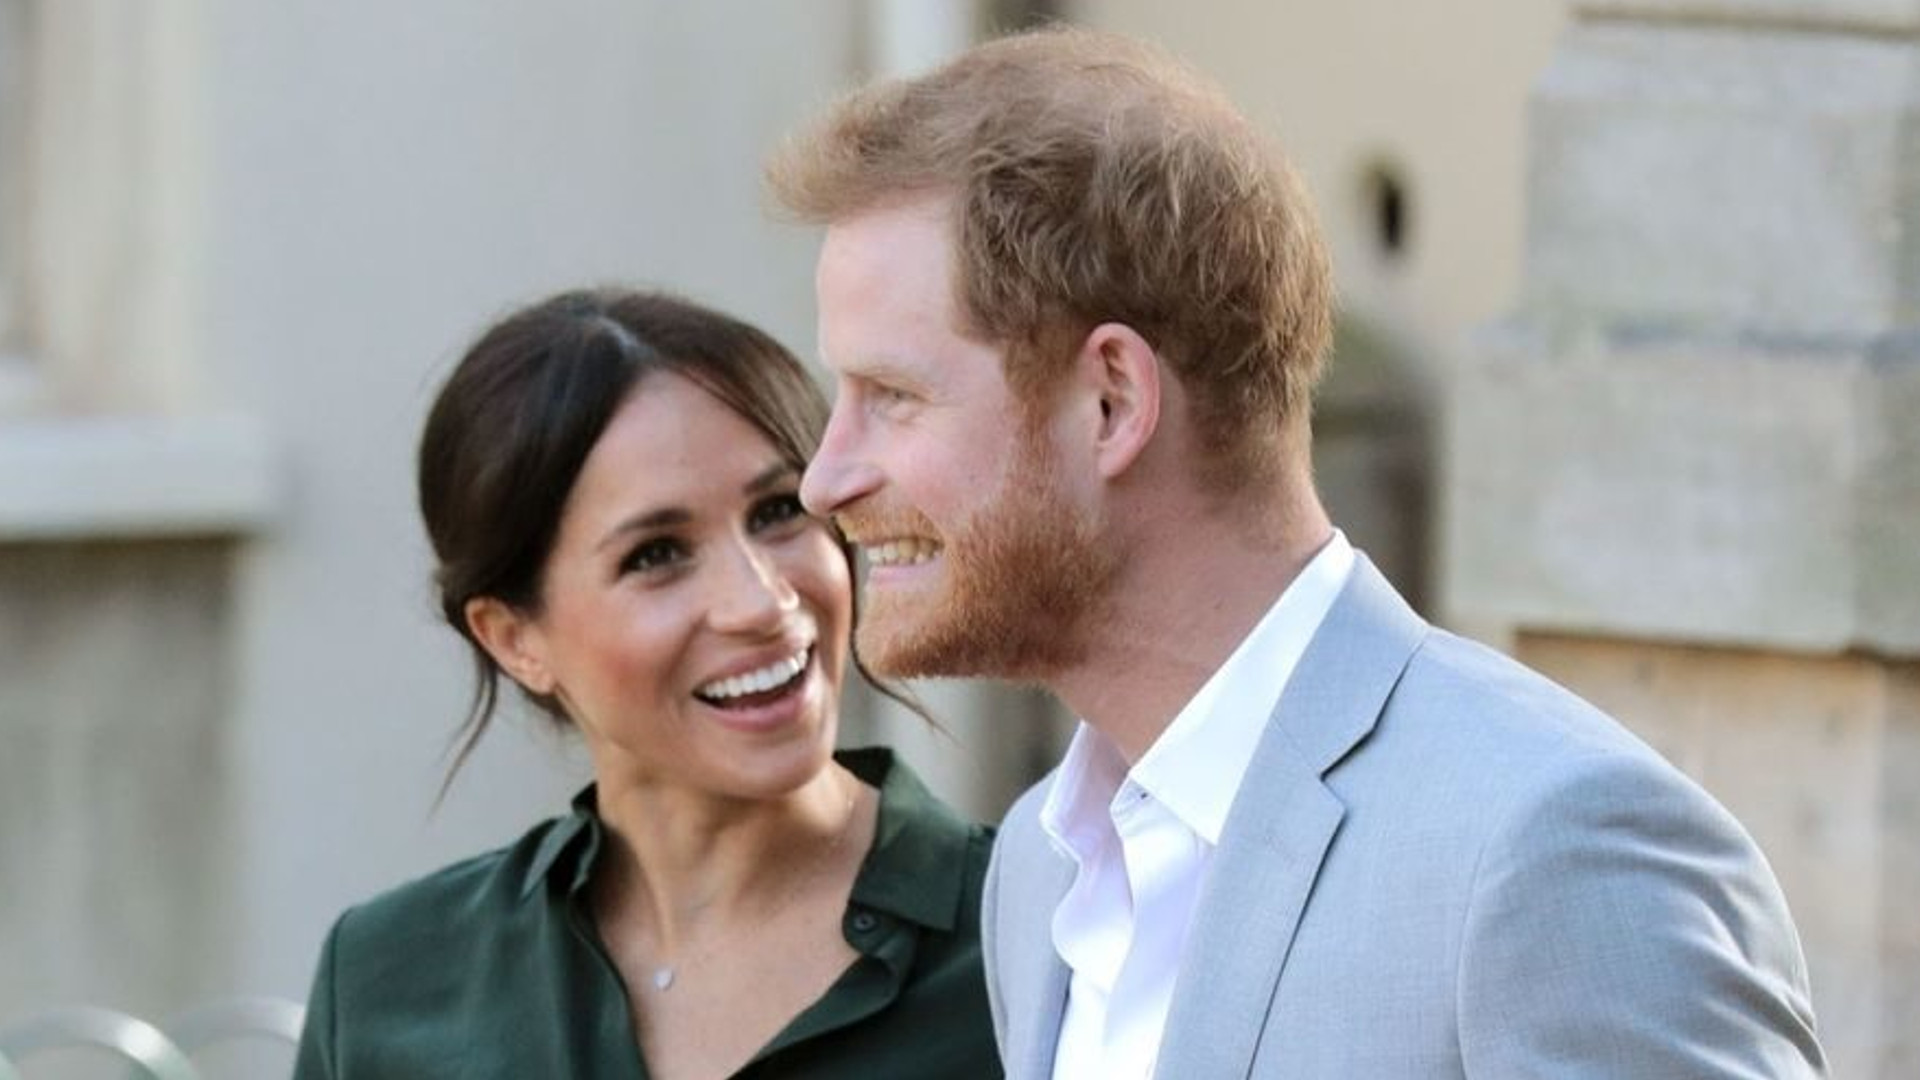 Co pił Harry i Meghan na pierwszej randce? Ujawniono, jak wyglądały początki ich znajomości